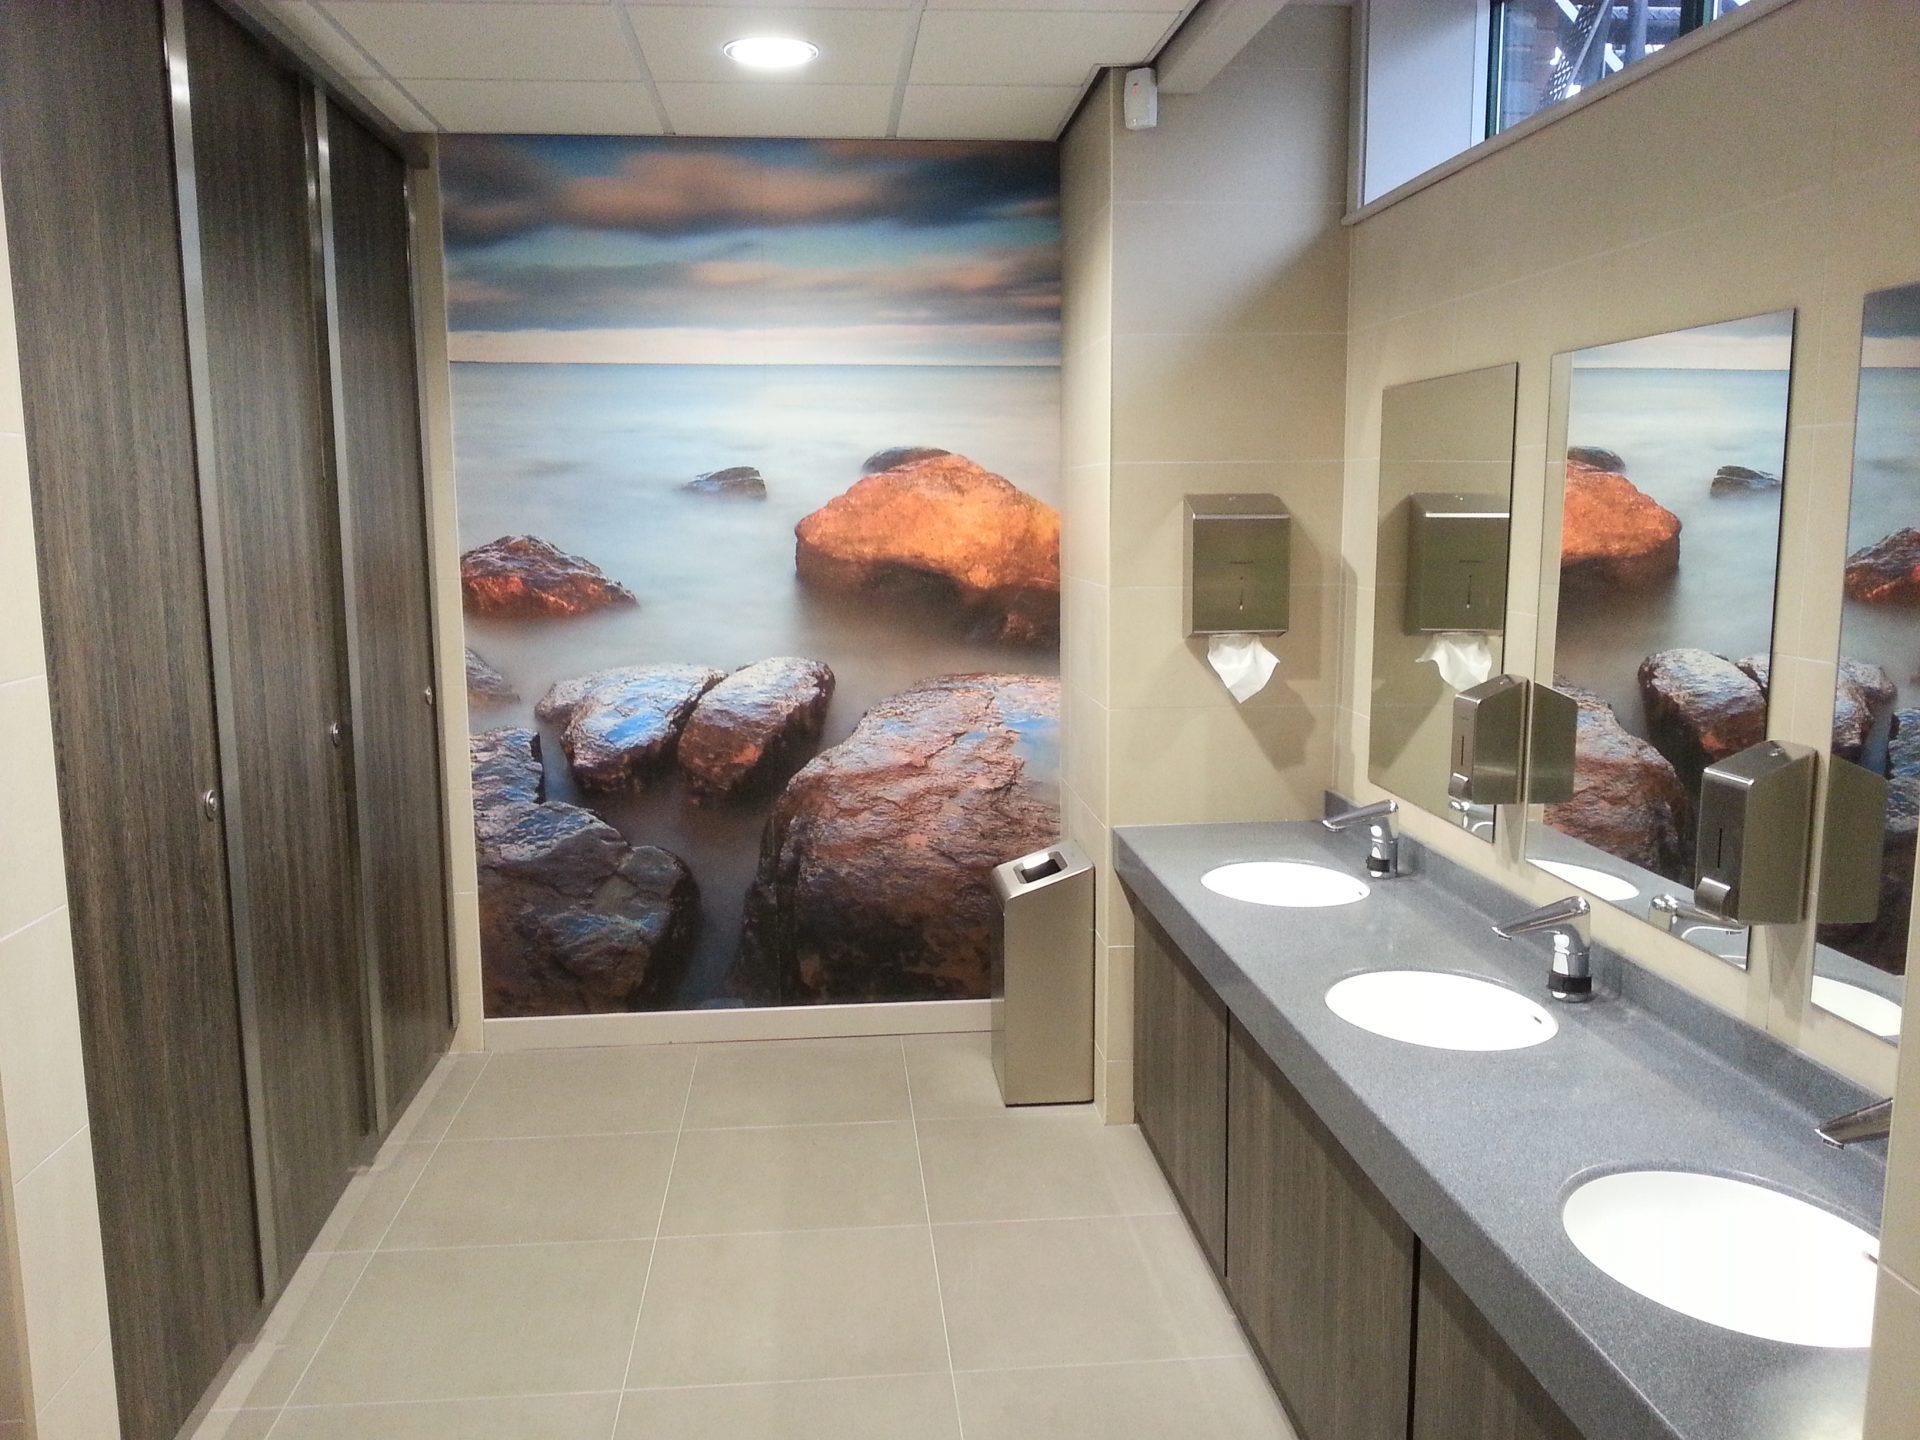 toilets photowall mist stones